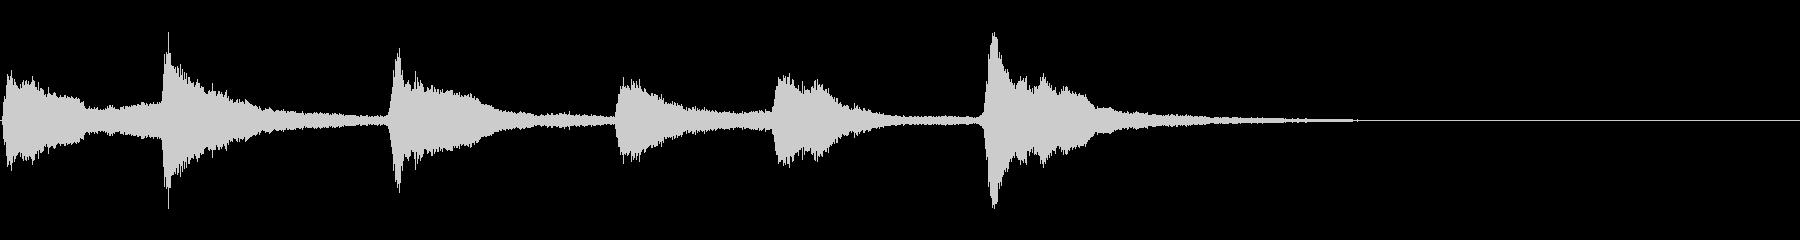 教会の鐘2 (カーン…カーン…カーン…)の未再生の波形